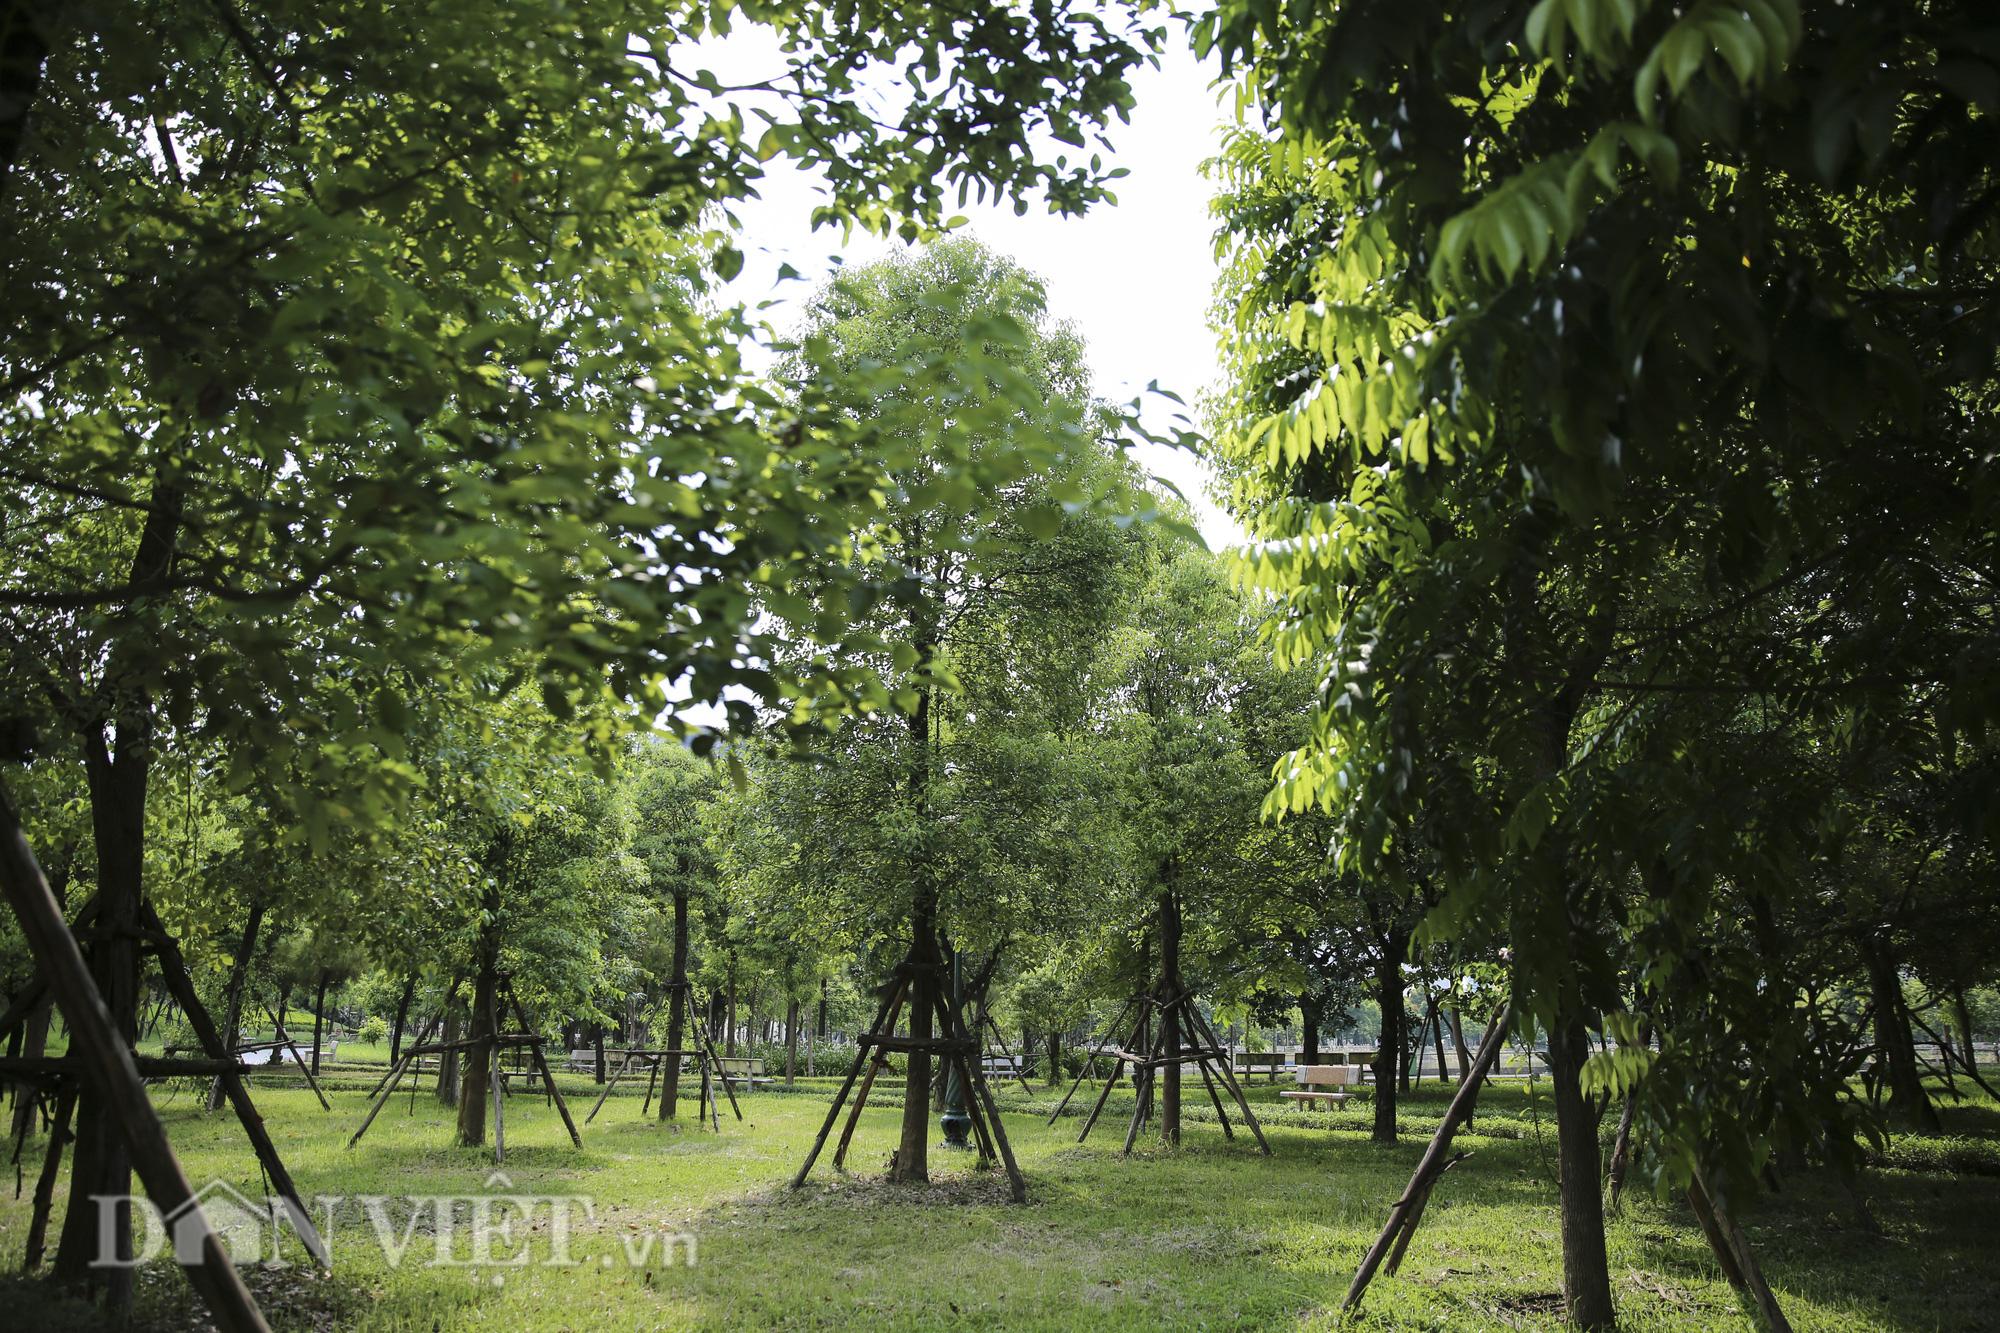 """Hệ thống cây xanh đã giúp Hà Nội giảm """"hiệu ứng đảo nhiệt đô thị"""" như thế nào? - Ảnh 7."""